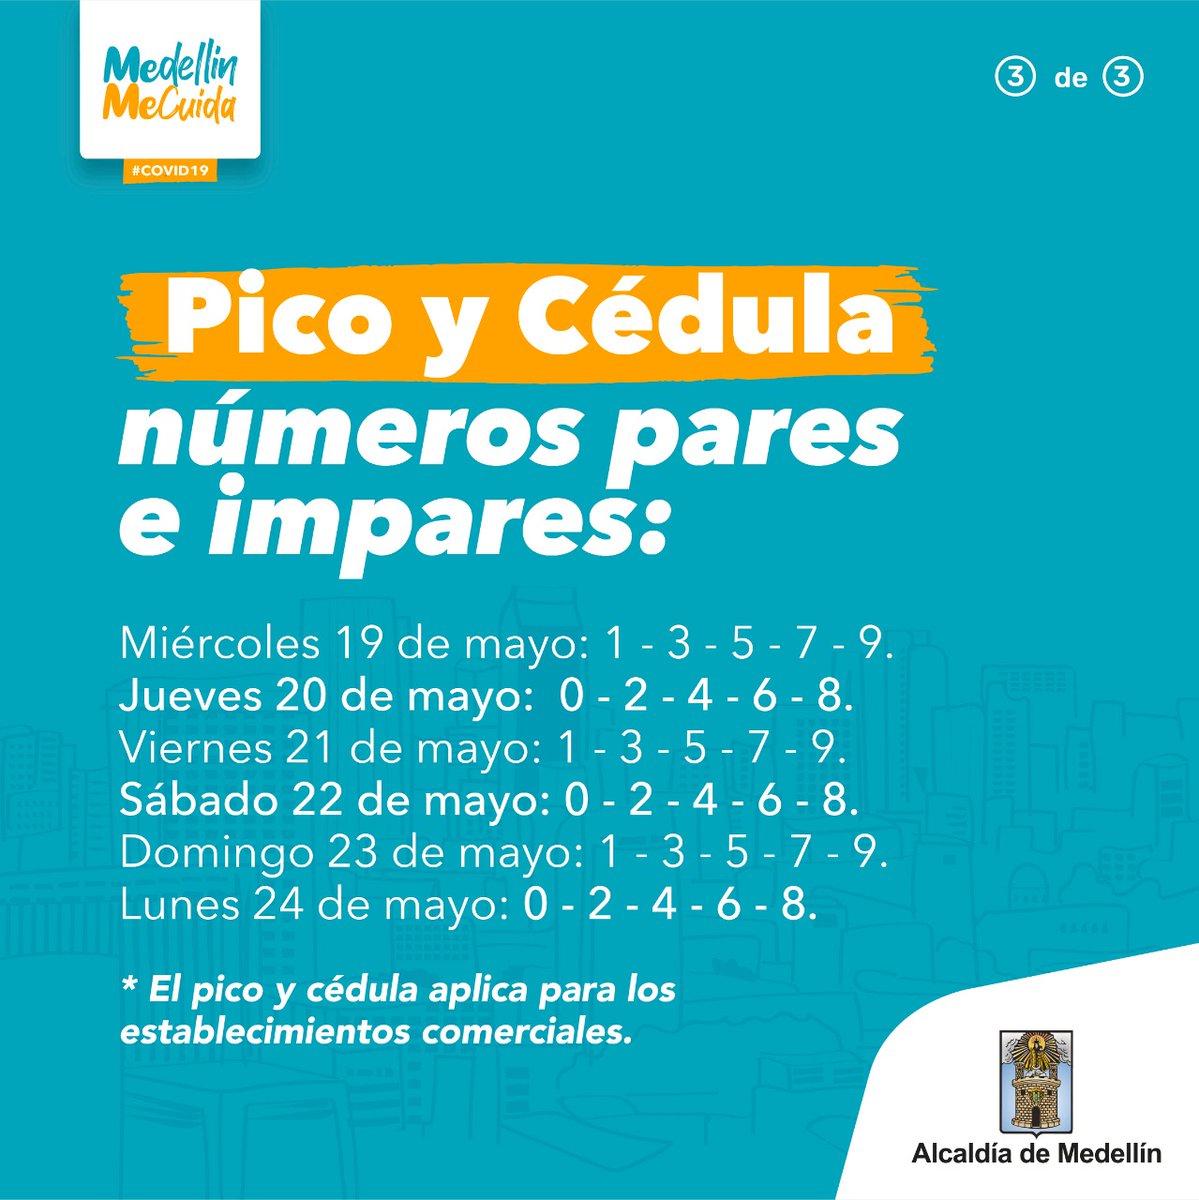 Alcaldia De Medellin On Twitter Atencion Estas Son Las Medidas Que Regiran En Nuestra Ciudad Desde Manana Y Hasta El Proximo Lunes Acogete A Ellas Compartelas Y Ayudanos A Salvar Mas